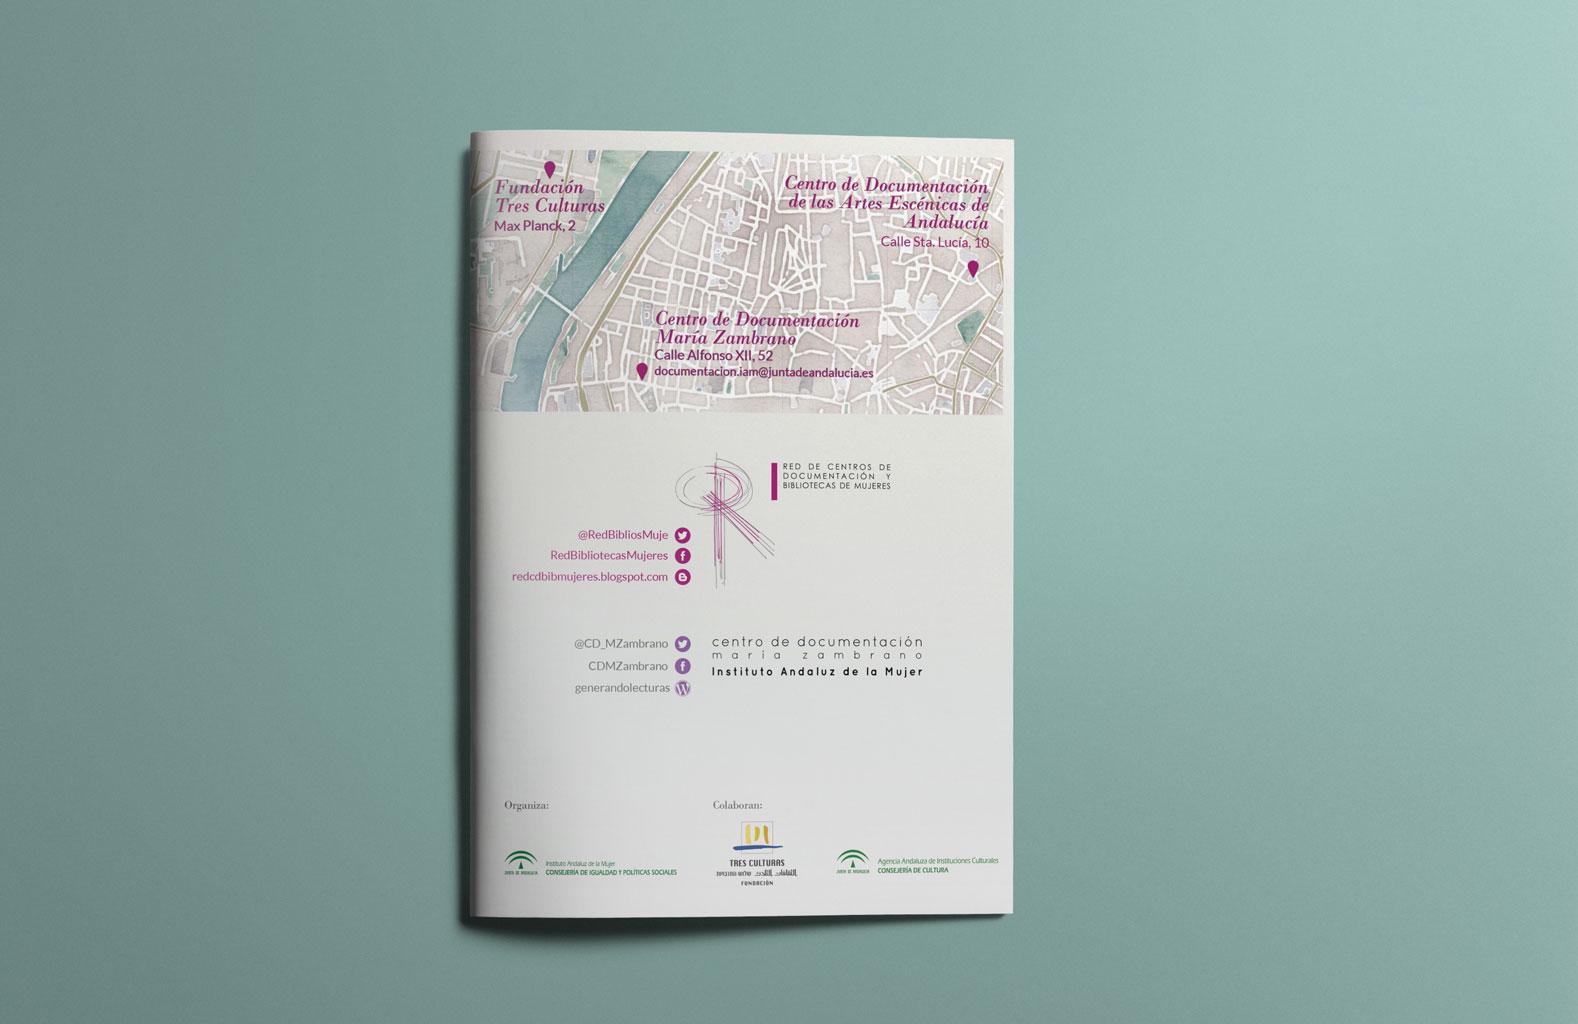 Programa del XXV Encuentro de la Red de Centros de Documentación y Bibliotecas de Mujeres. UyM y Violeta Asensio.